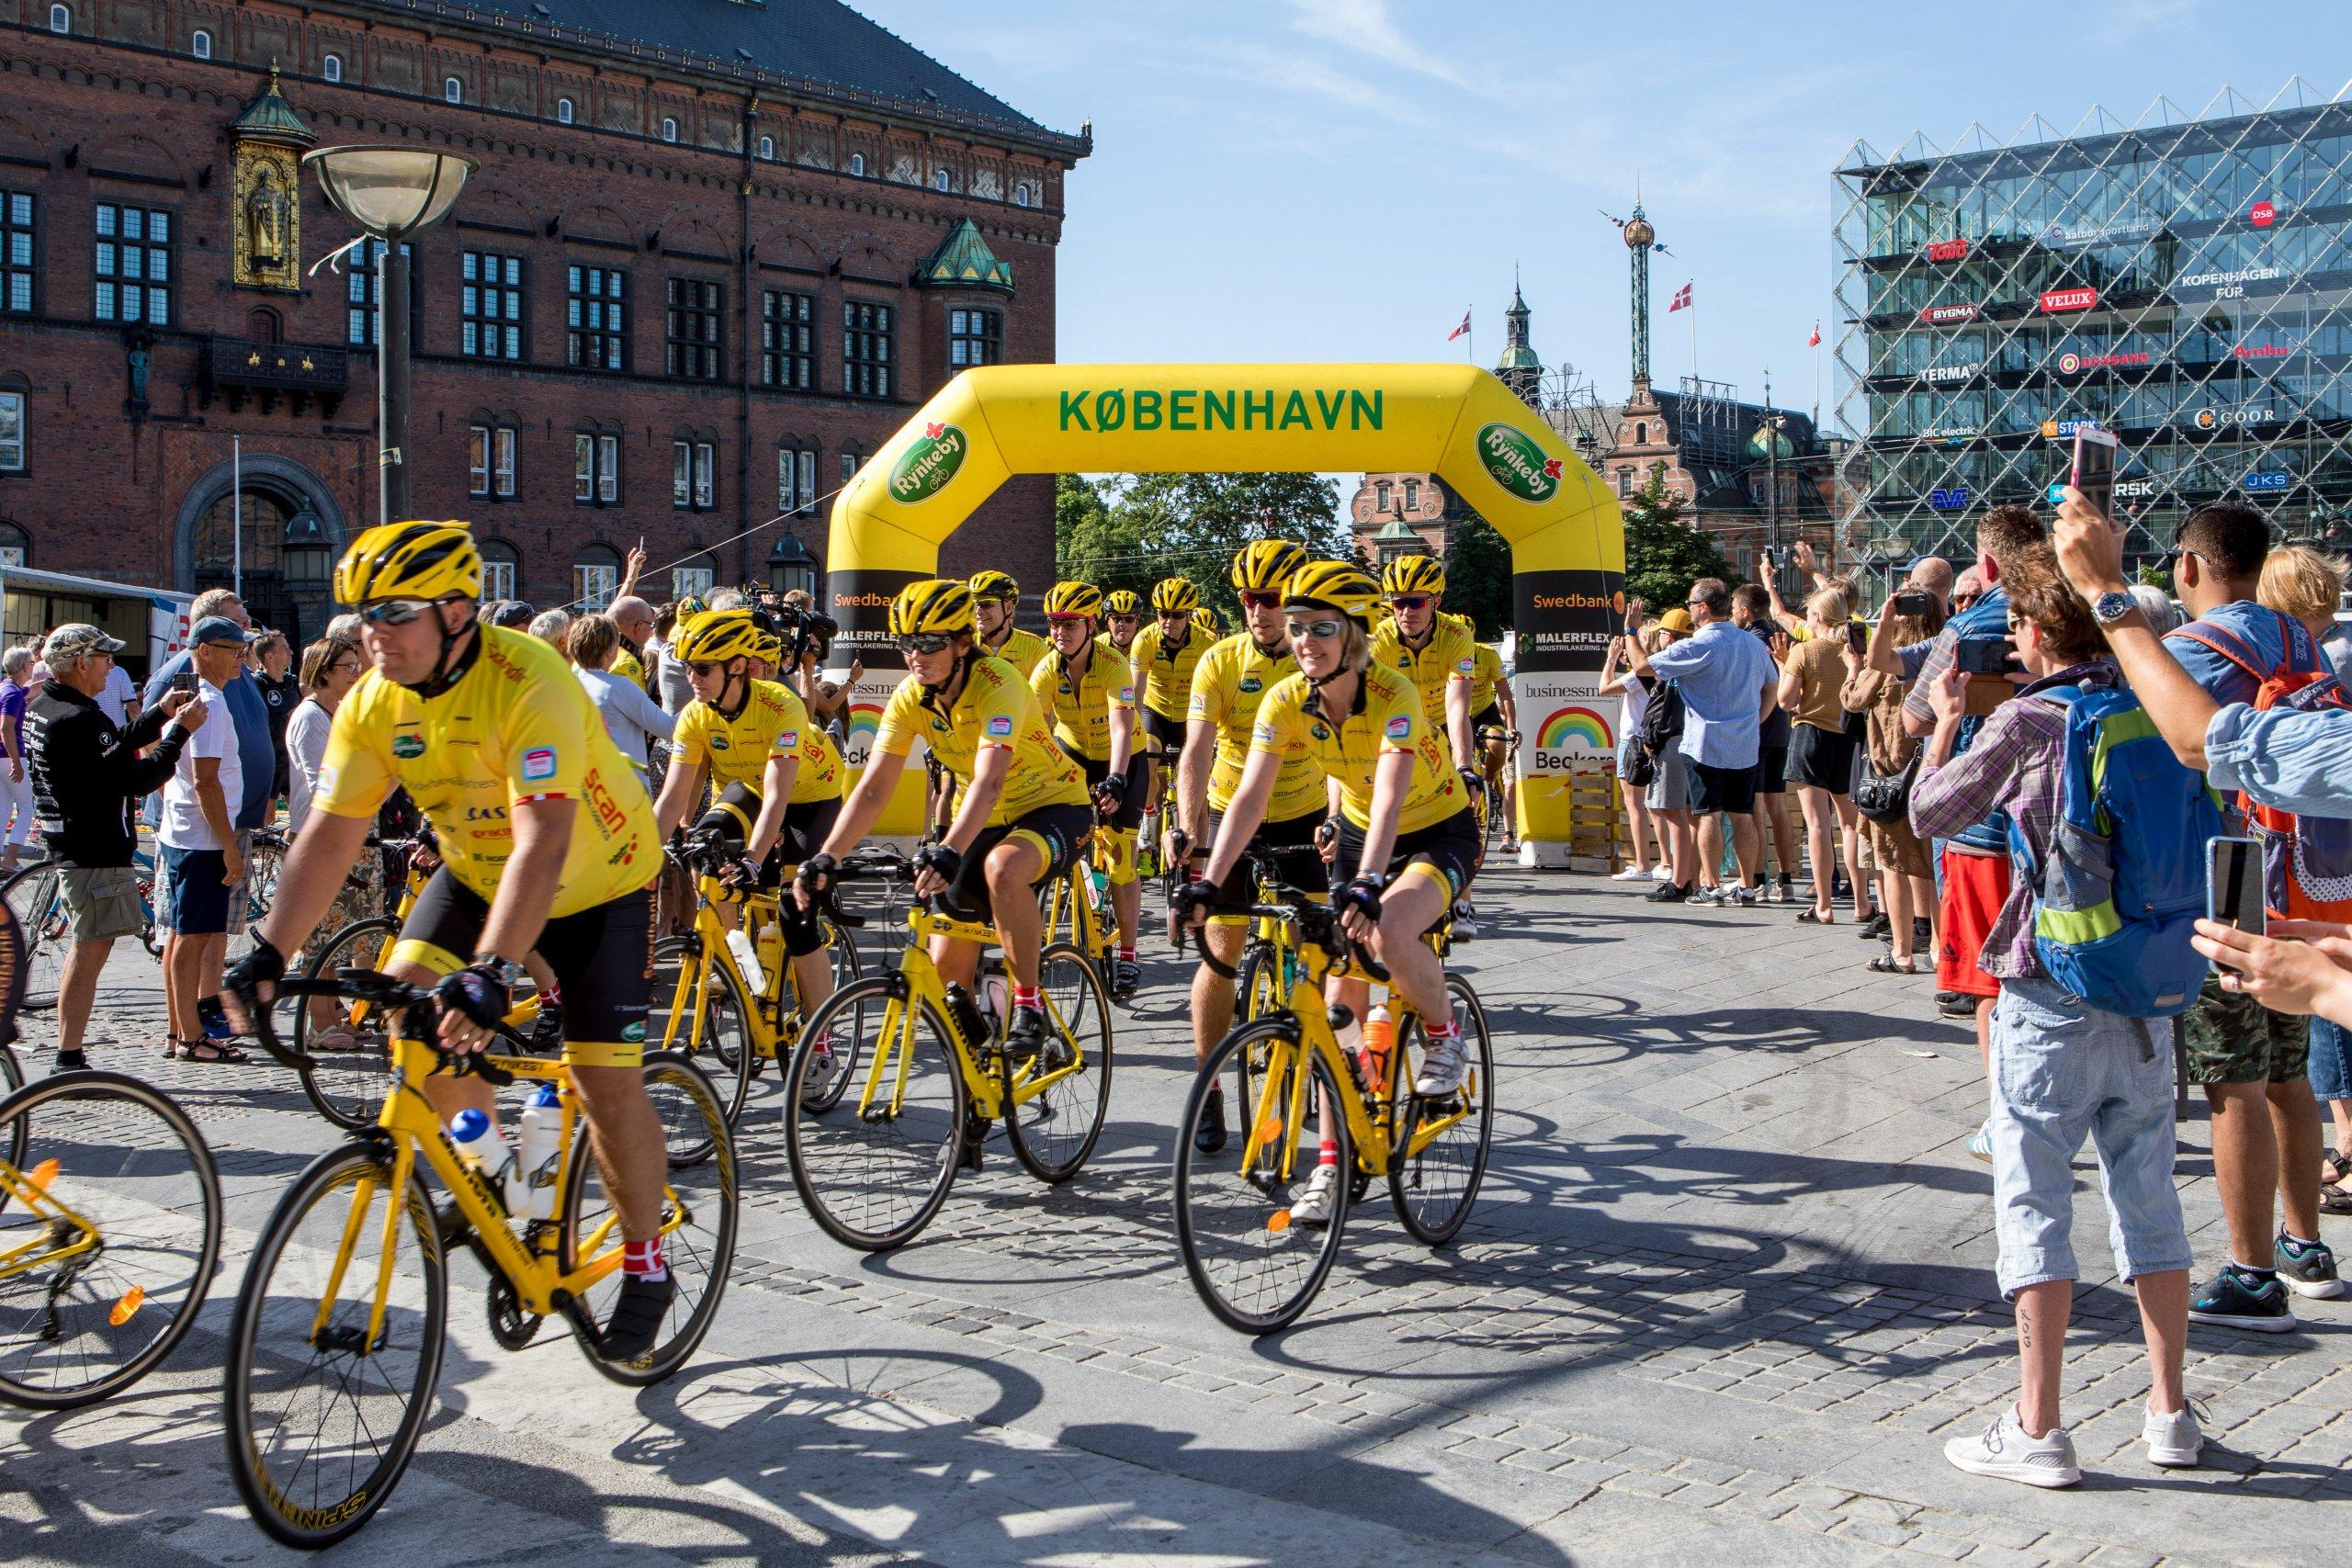 Team Rynkeby – cykelturen ställs in men insamlingen rullar på